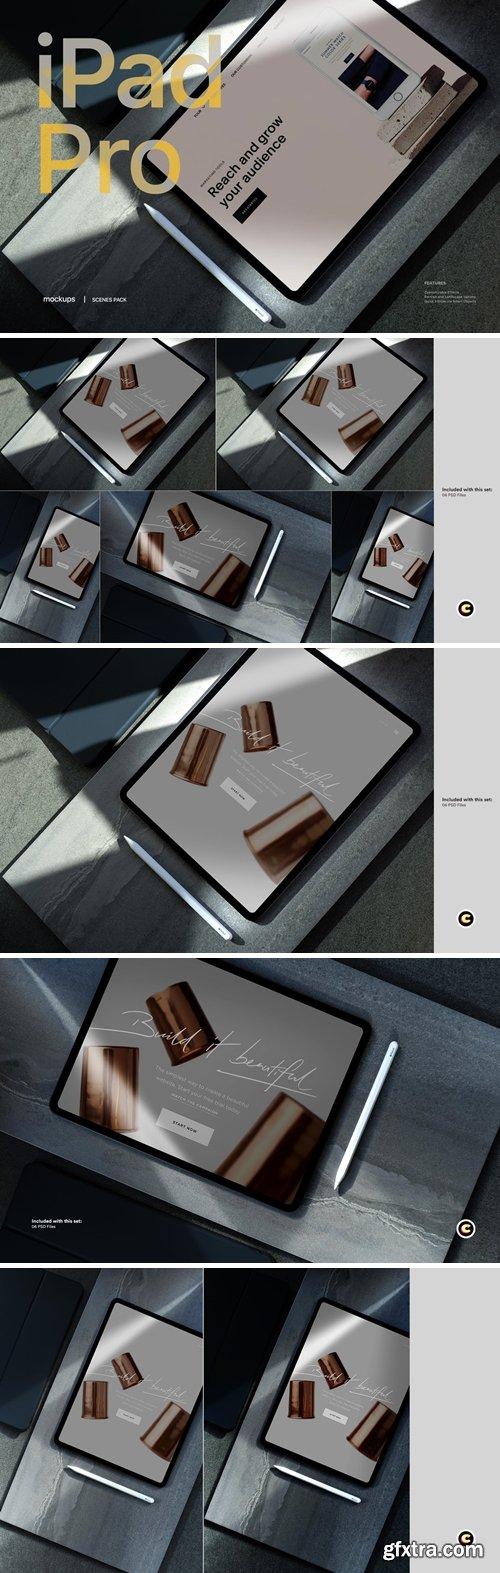 Tablet Mockup scenes